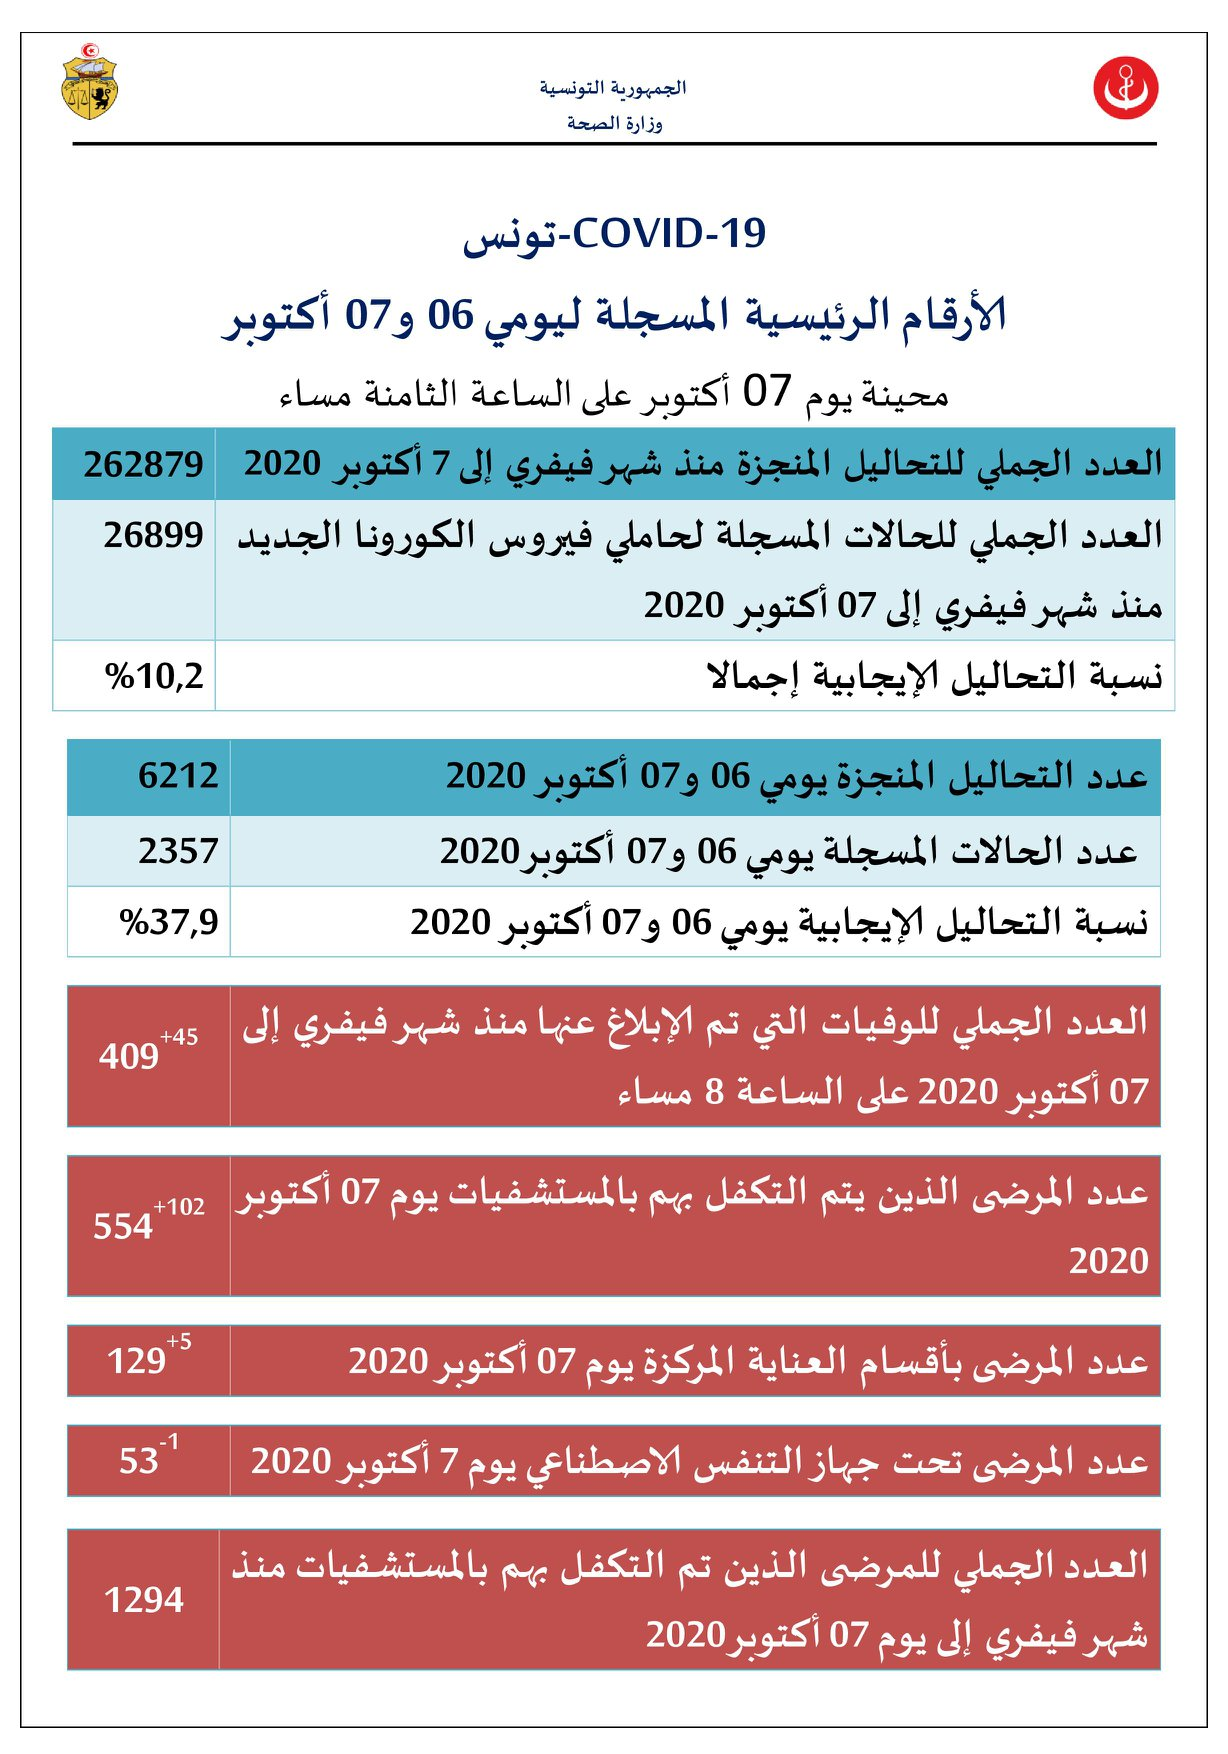 01(225) - كورونا: 2357 إصابة جديدة في تونس